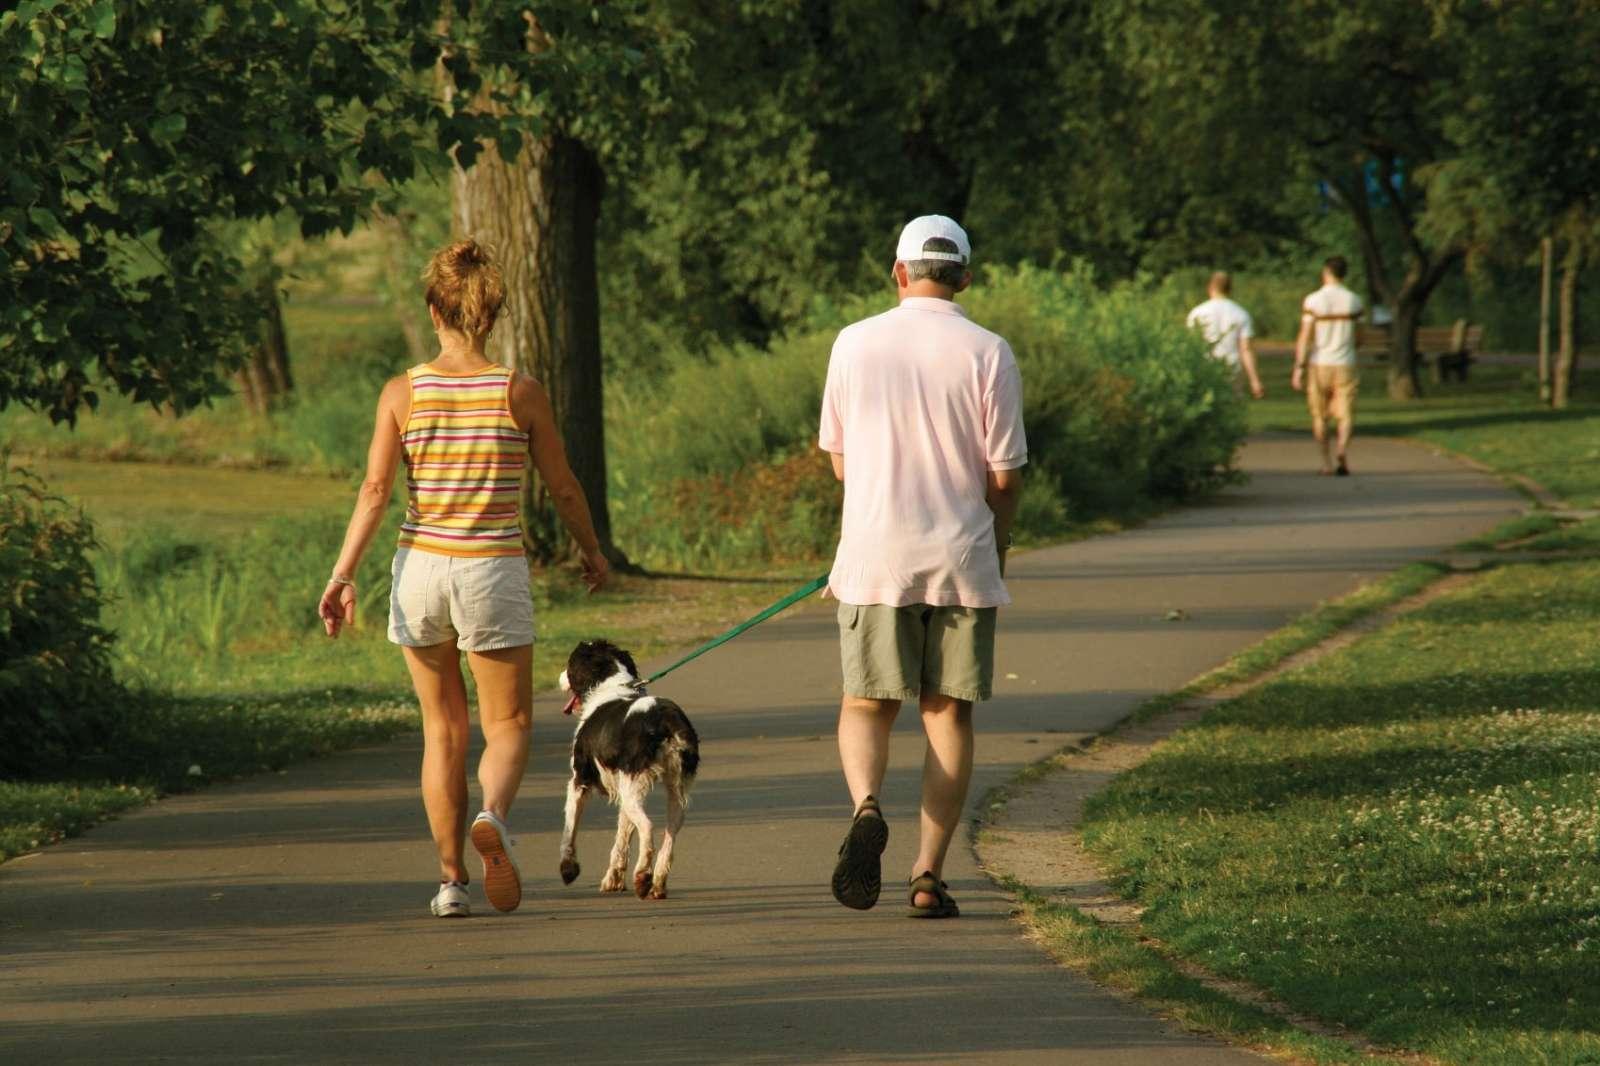 séta az egészségért, ha visszér)